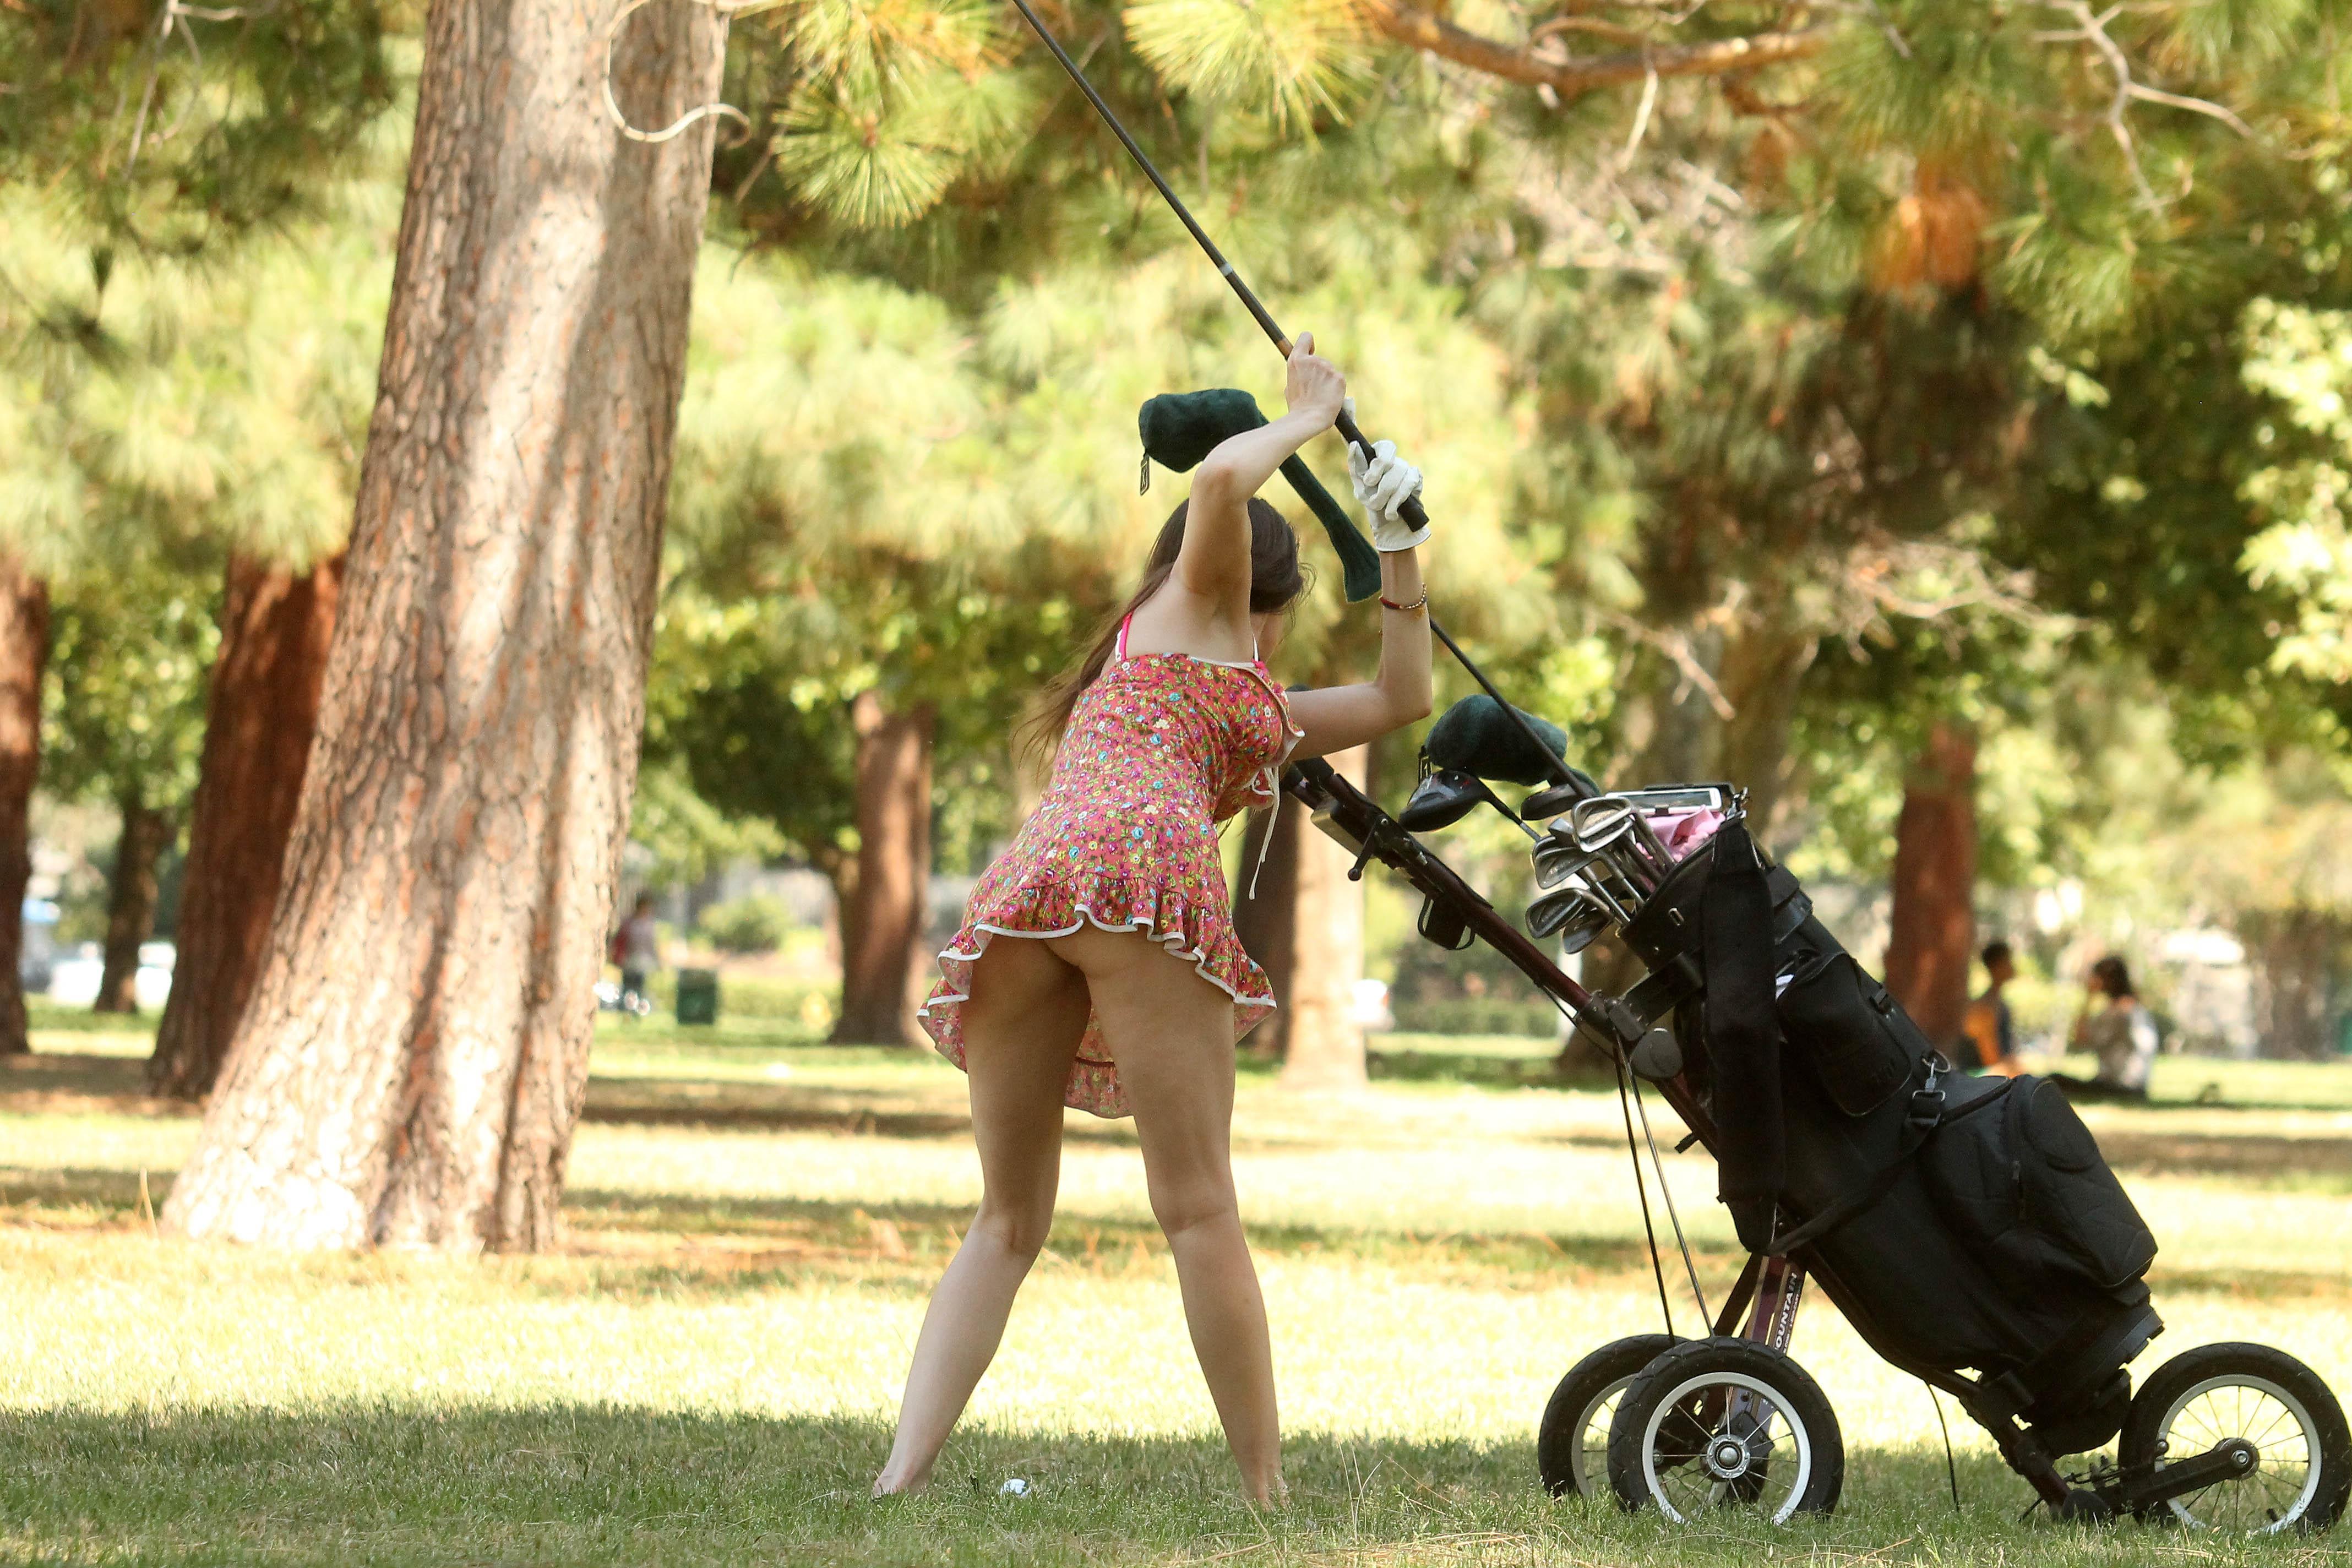 alicia-arden-ass-flash-pink-thong-panties-upskirt-golf-swing-07